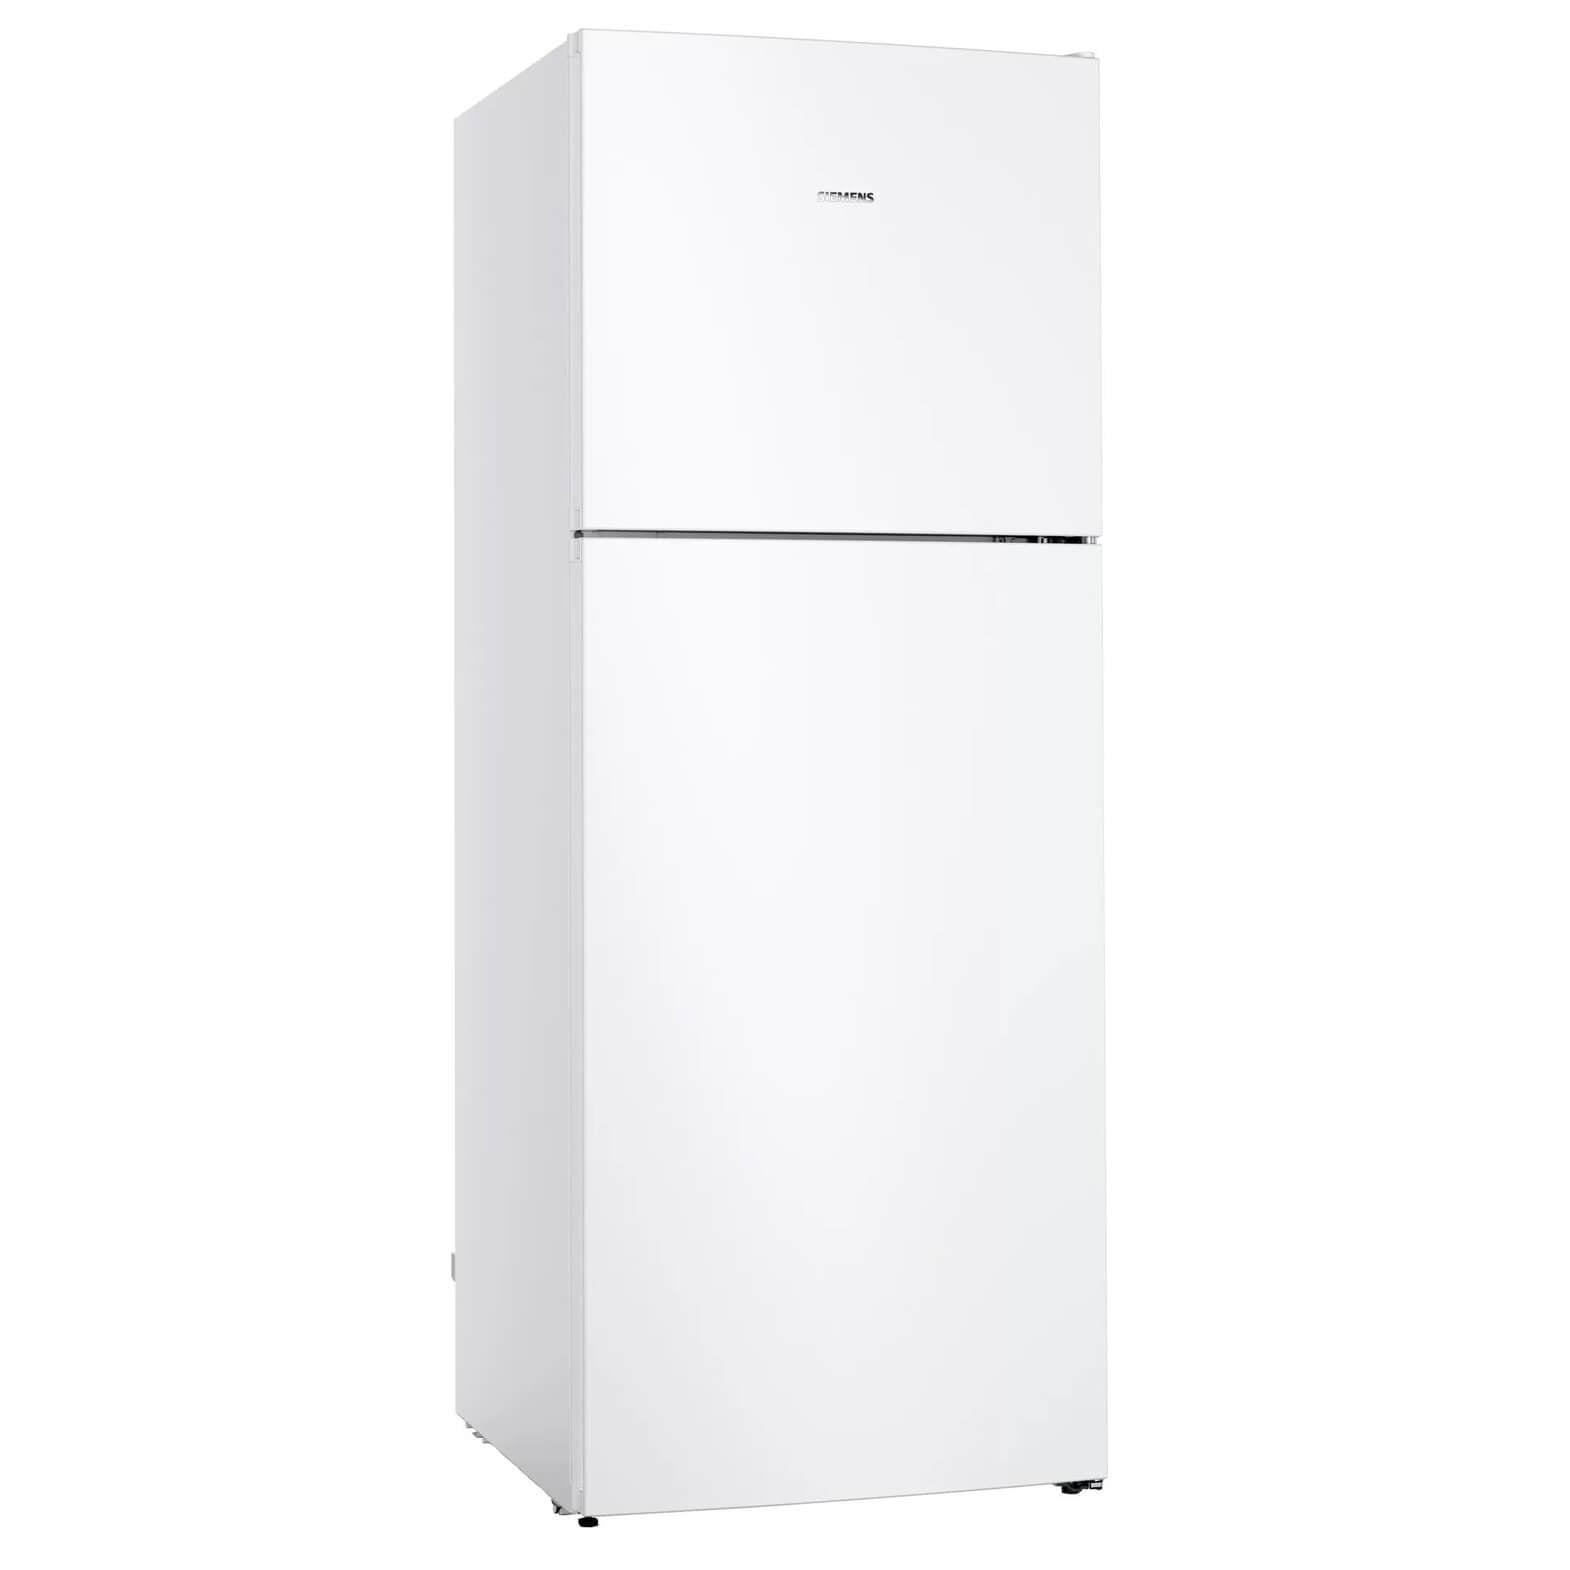 Siemens KD55NNWF0N buzdolabi